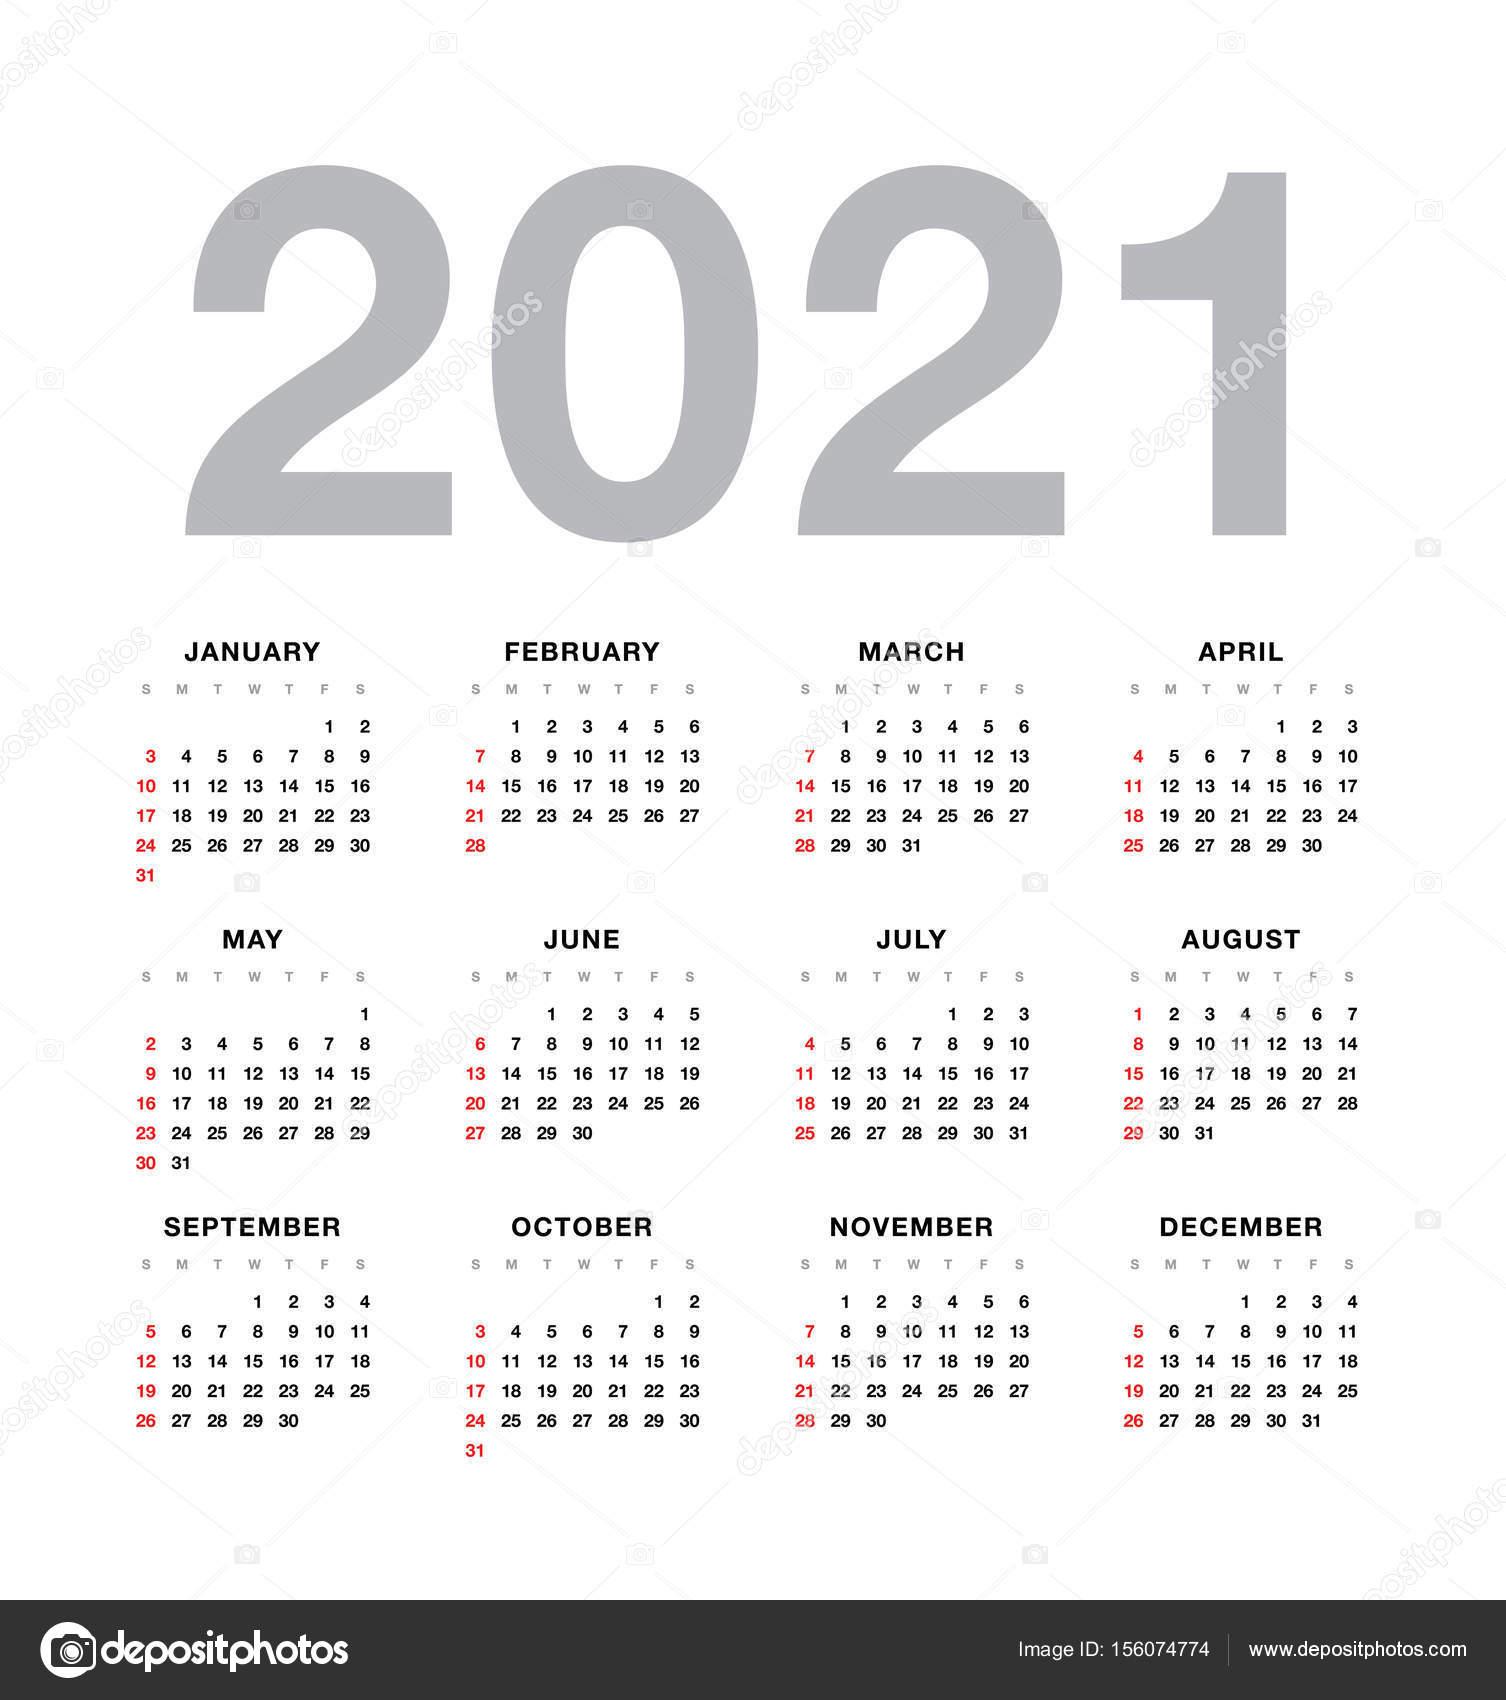 Wall calendar 2021 year design — Stock Vector © Igor_Vkv #156074774